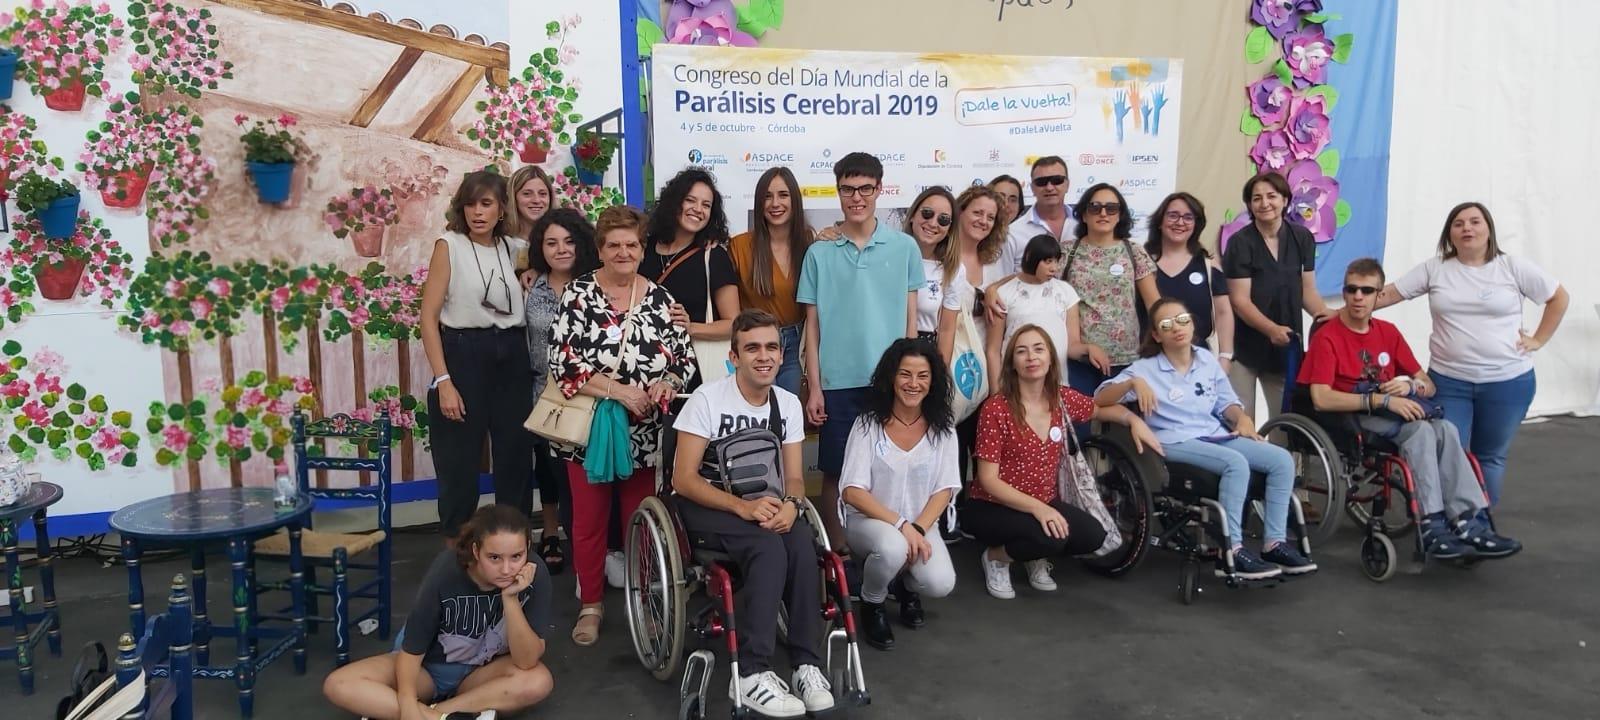 Aspace Jaén viajó hasta Córdoba para asistir al Congreso del Día Mundial de la Parálisis Cerebral